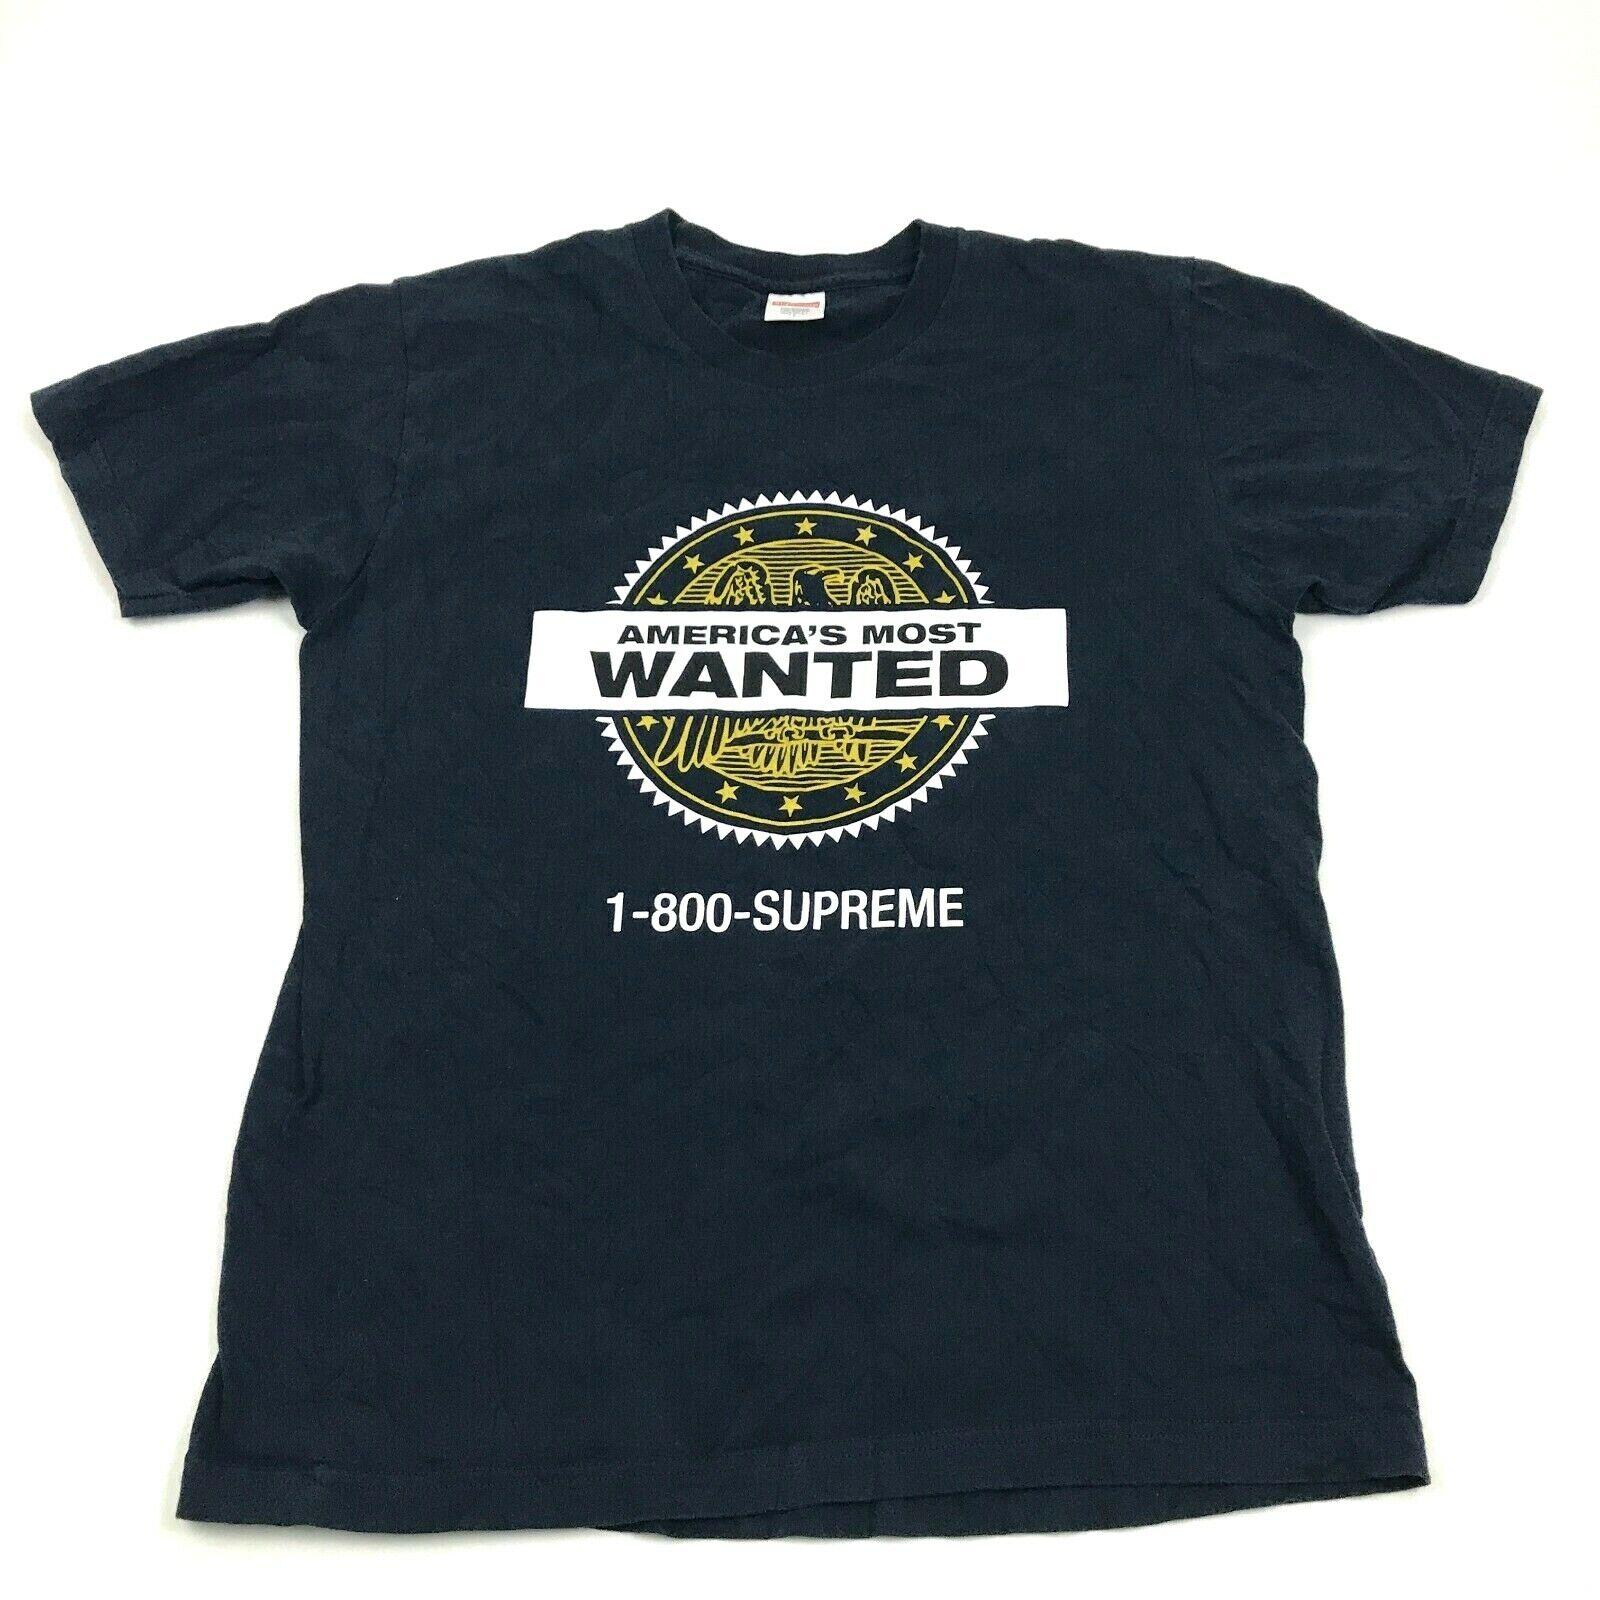 Supreme most wanted chemise taille l adulte bleu foncé t-shirt